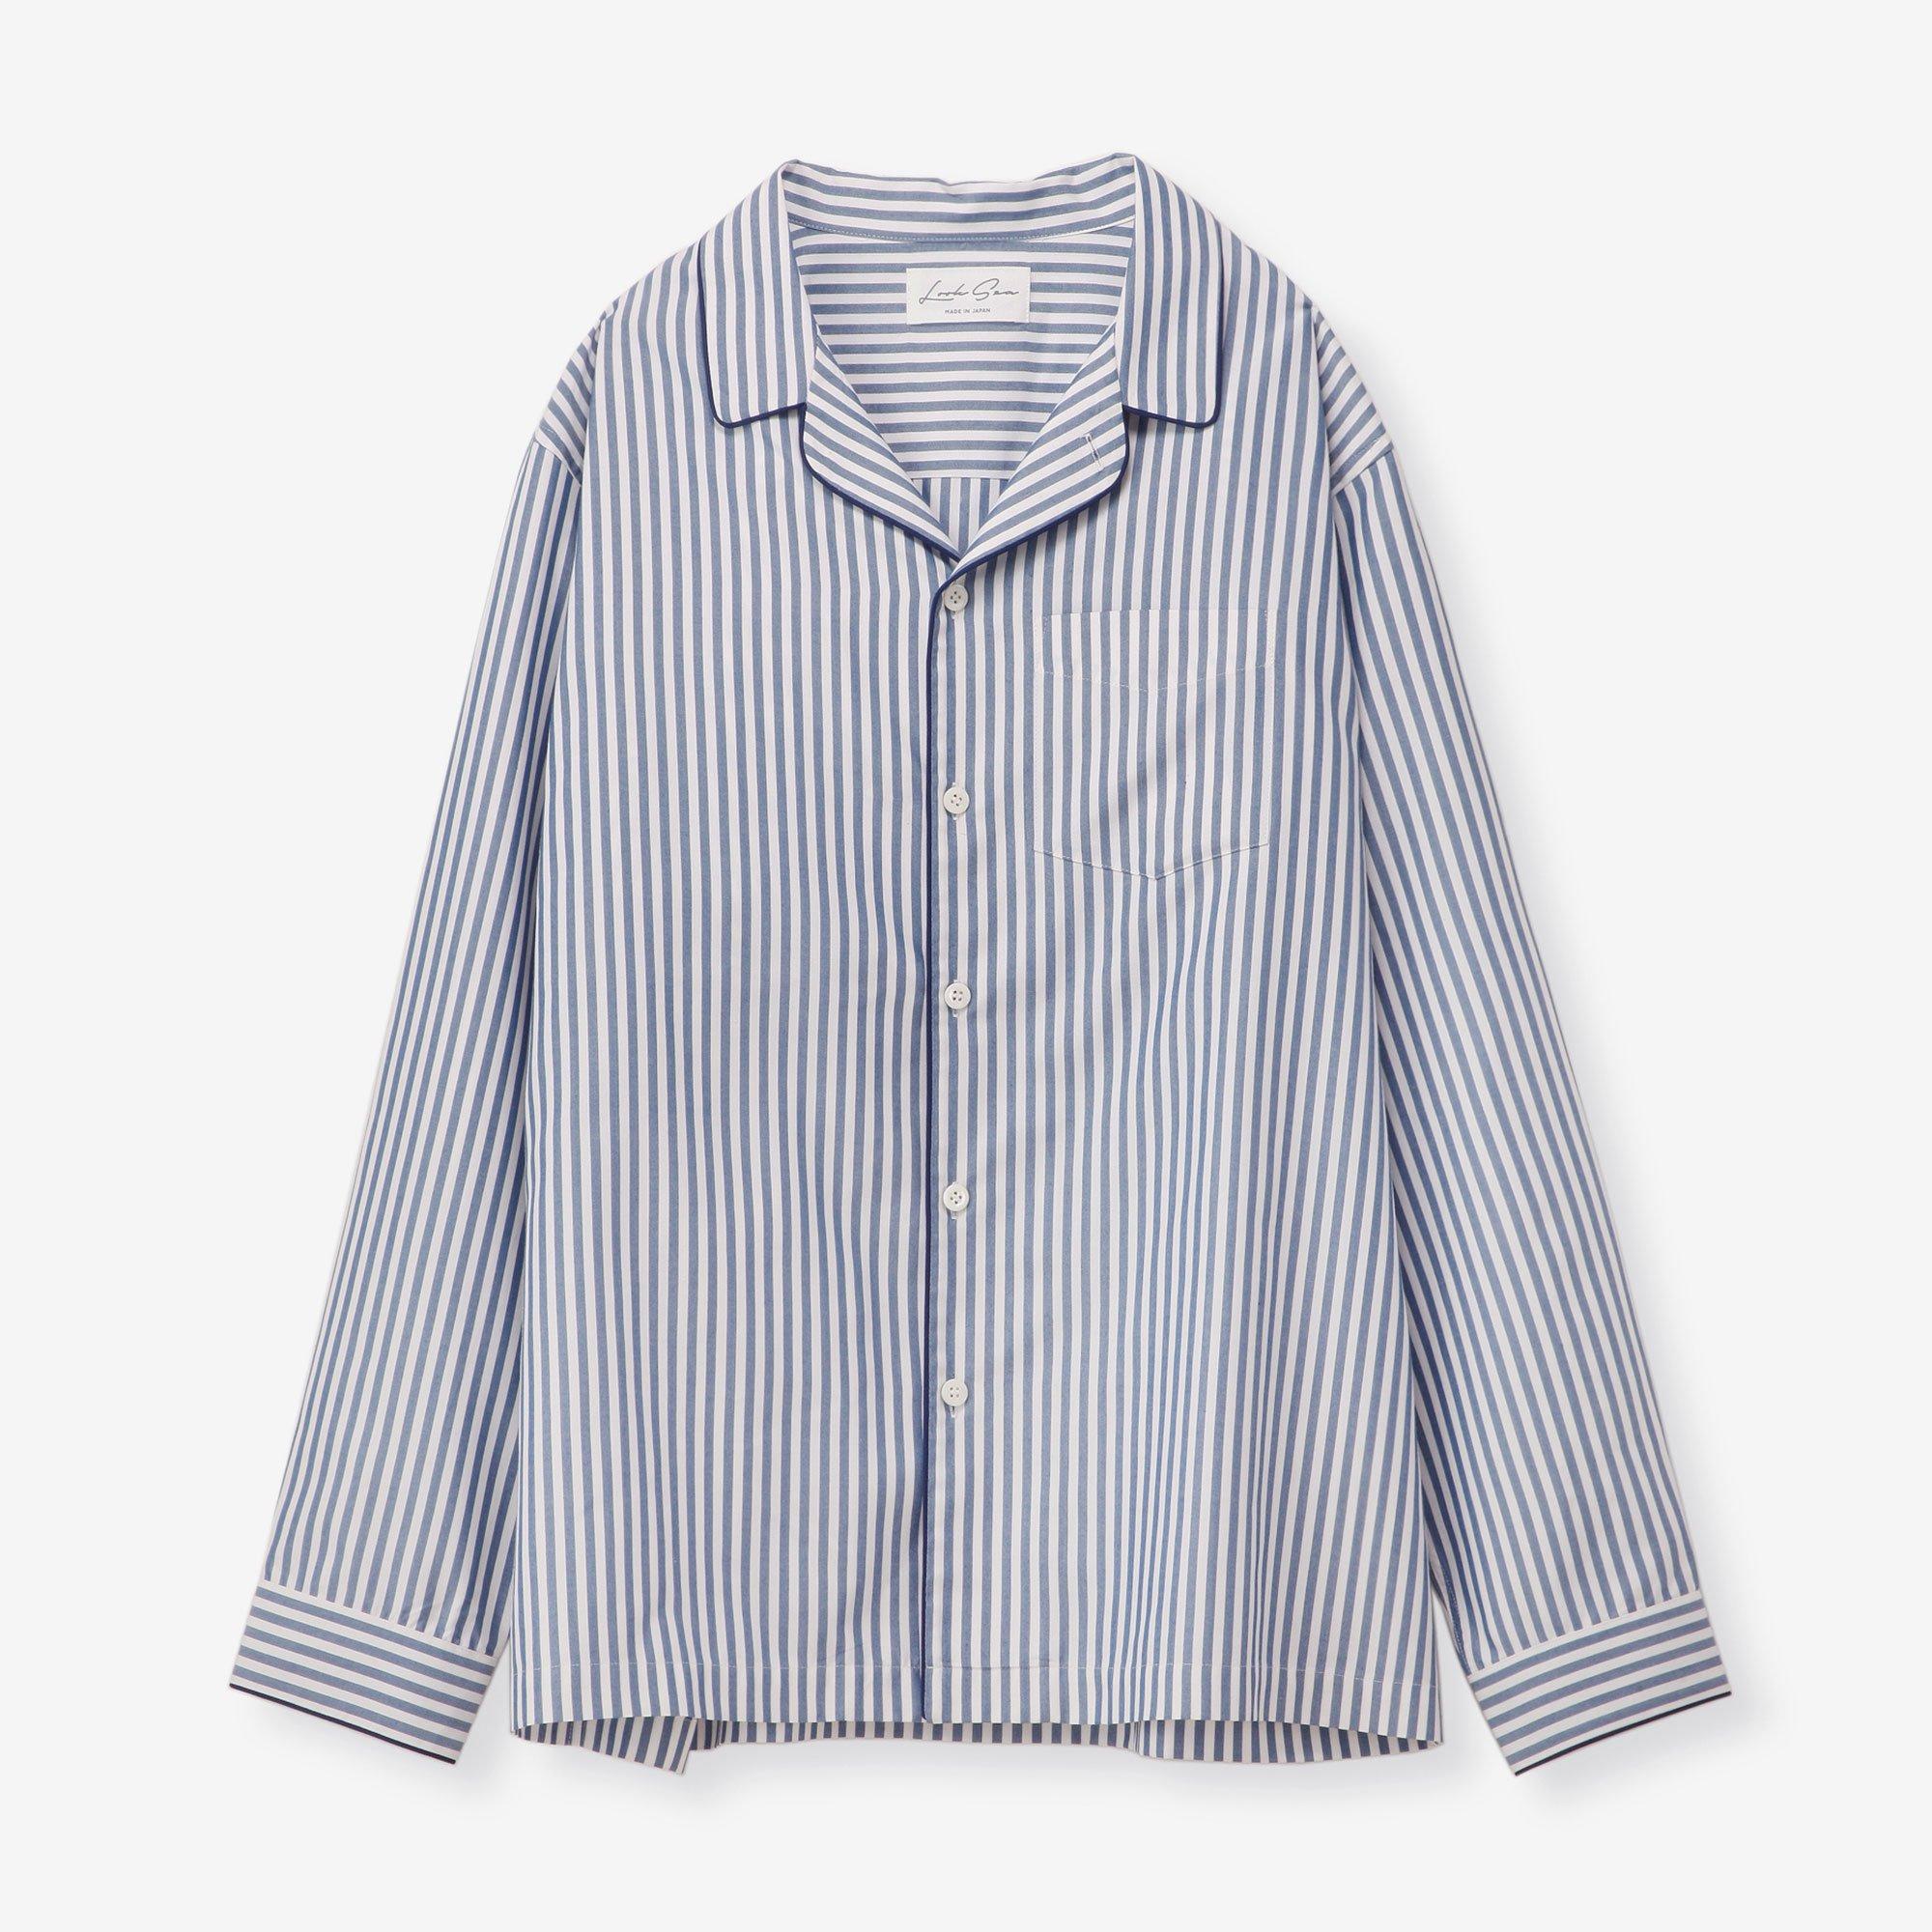 シルク パジャマシャツ / ストライプ ネイビー&ホワイト